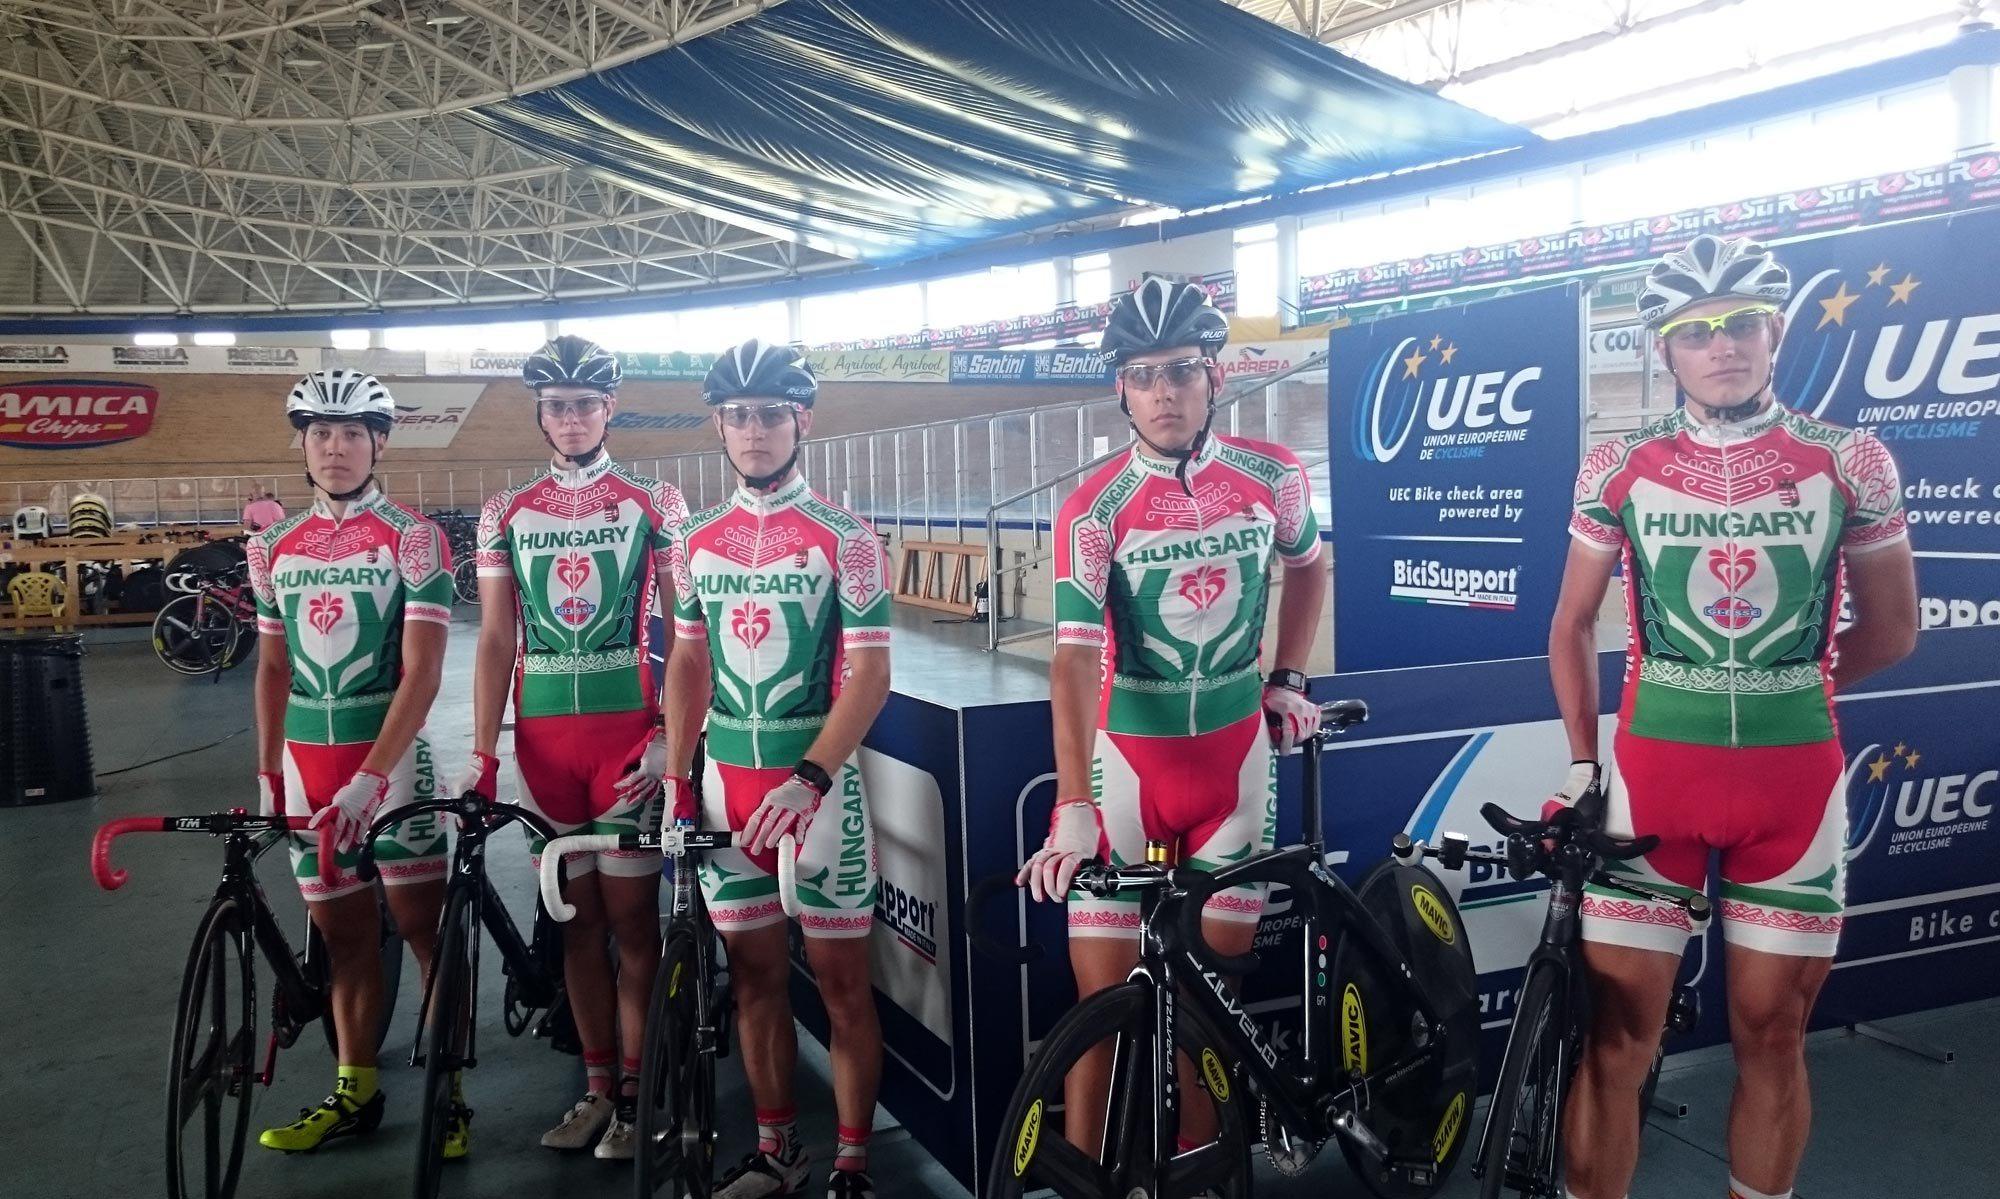 A 2016-os Ifjúsági és U23-as Pályakerékpáros Európa-bajnokságon részt vevő válogatott versenyzők, balról: Orosz Gergő (FSZSE-FTC), Borissza Johanna Kitti (BVSC-Zugló), Hajdú Máté Olivér (BVSC-Zugló), Molnár Gábor (BVSC-Zugló) és Filutás Viktor (Szuper Beton)